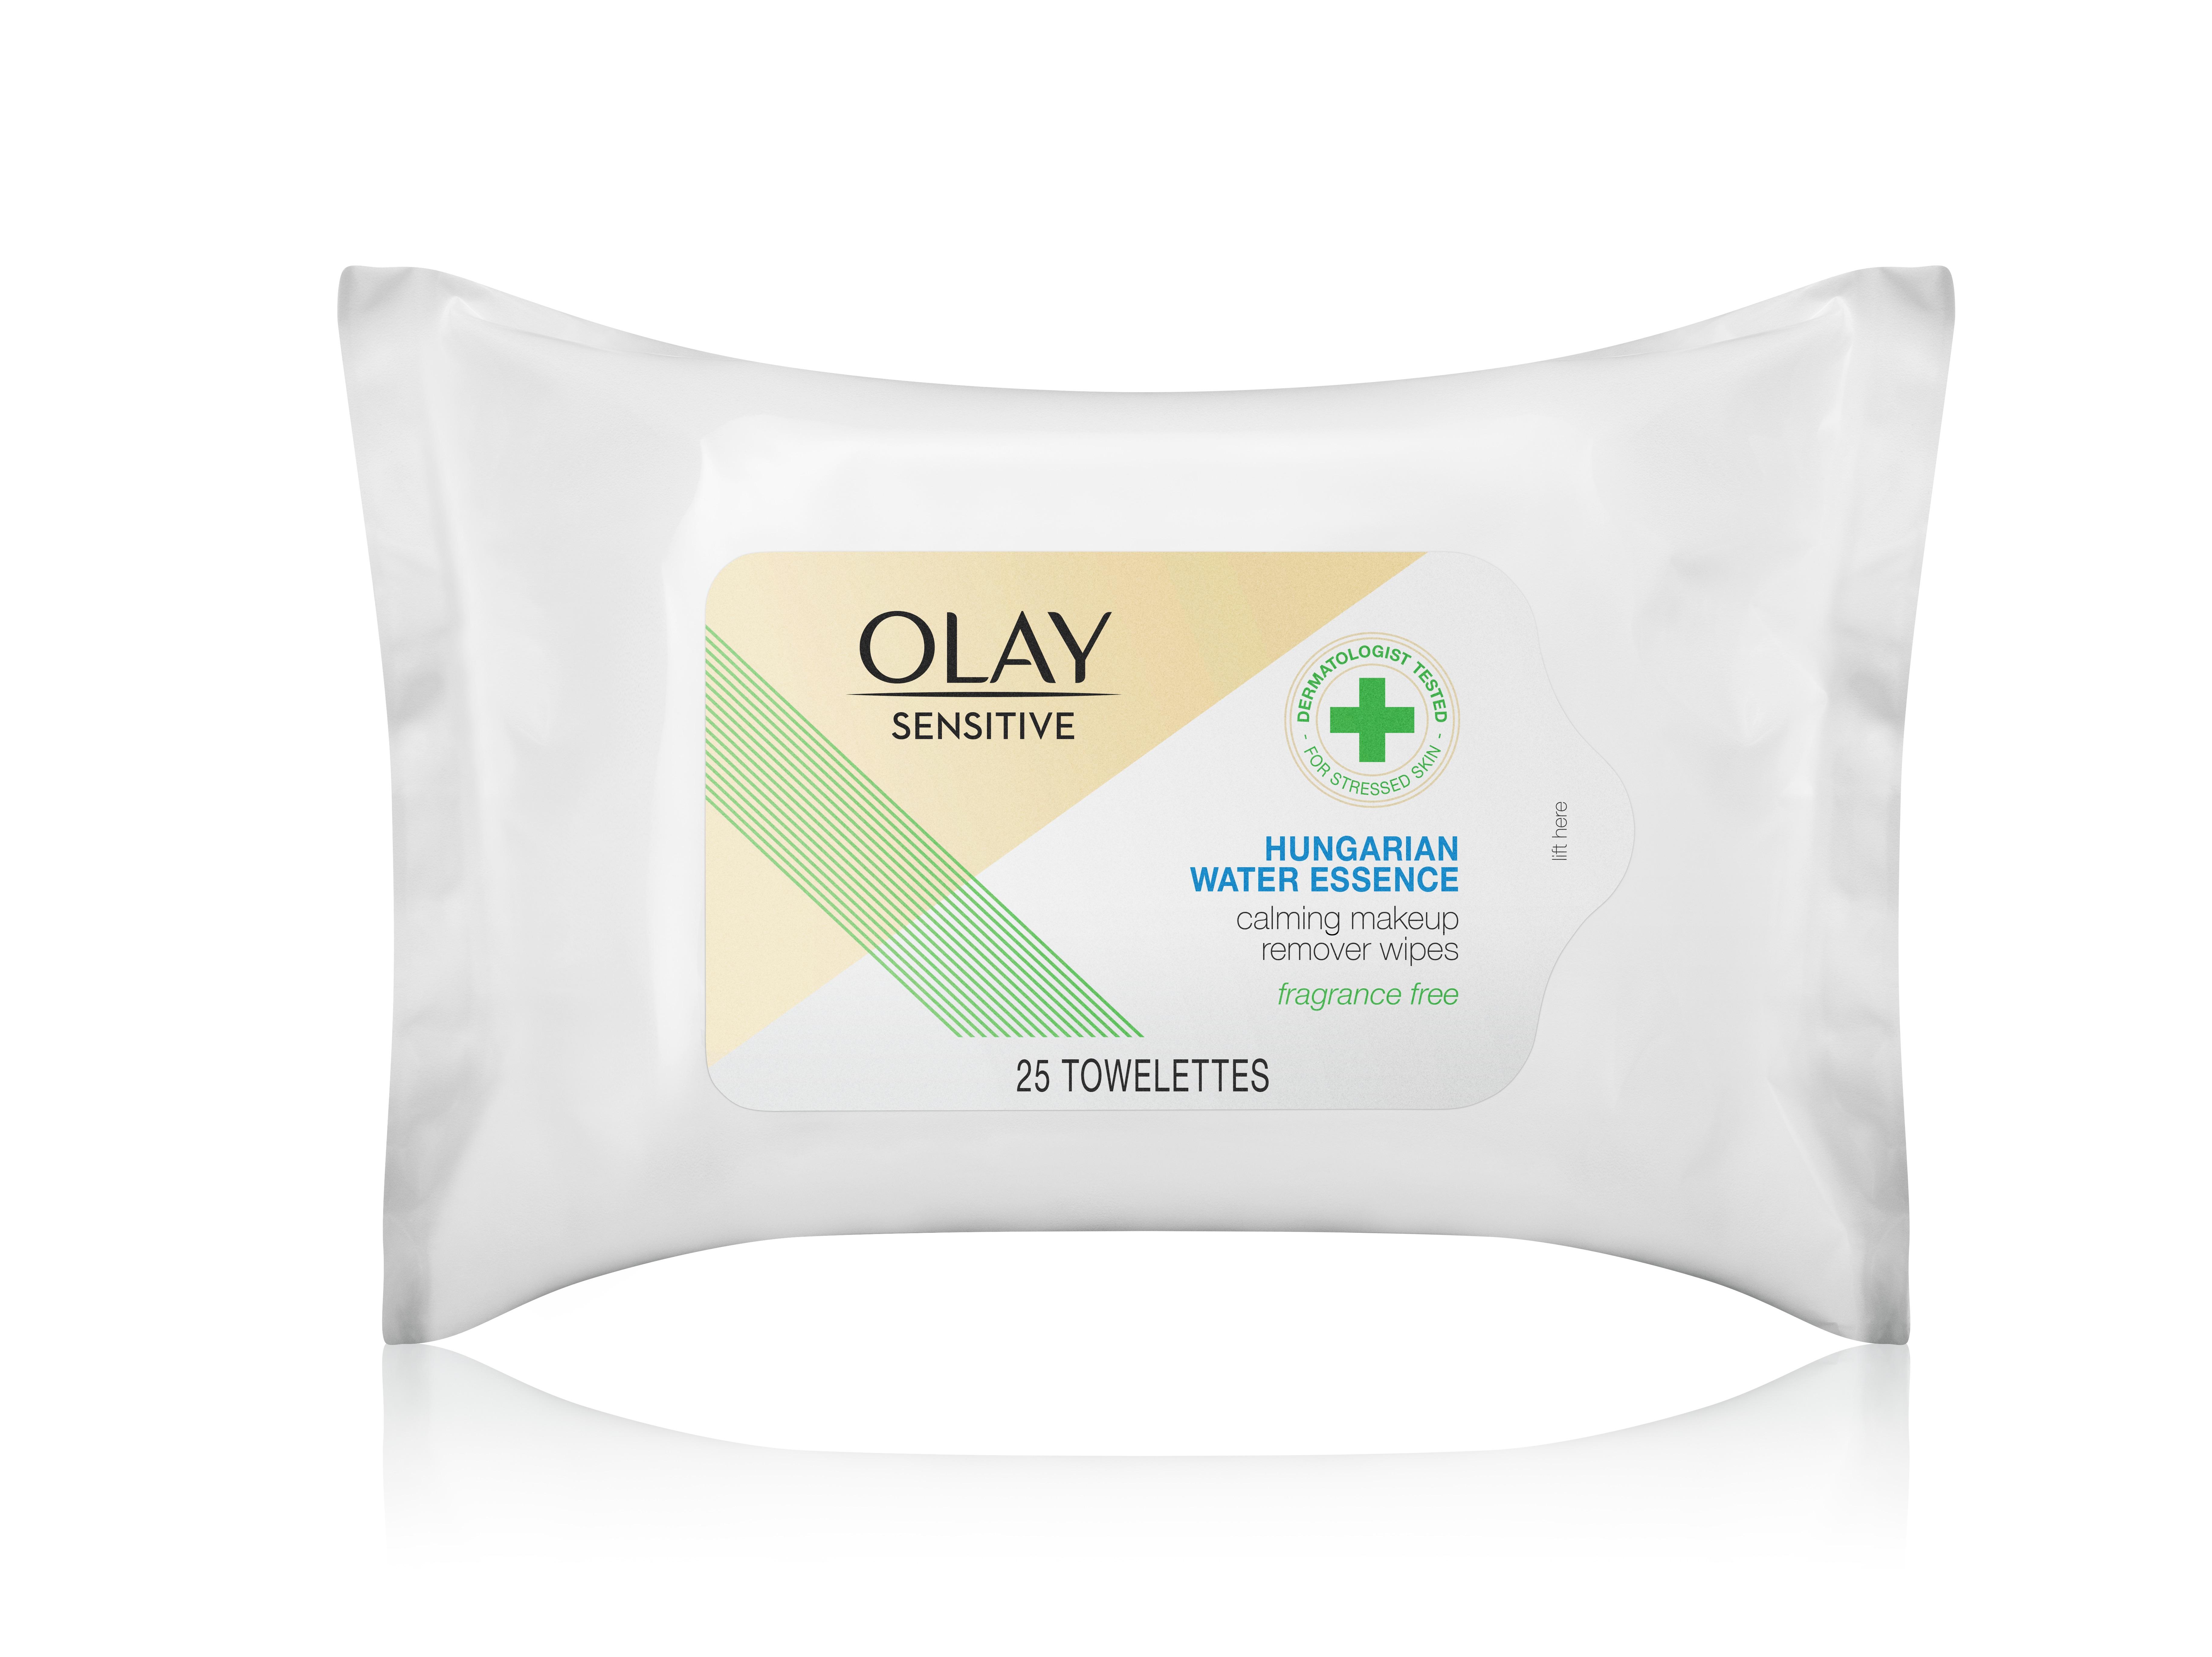 Las toallitas para remover el maquillaje, Olay Calming Makeup Remover Wipes, contienen moléculas limpiadoras de micelar y glicerina para saturar la piel de hidratación inmediata, y calmar y suavizar la superficie. (Suministrada)